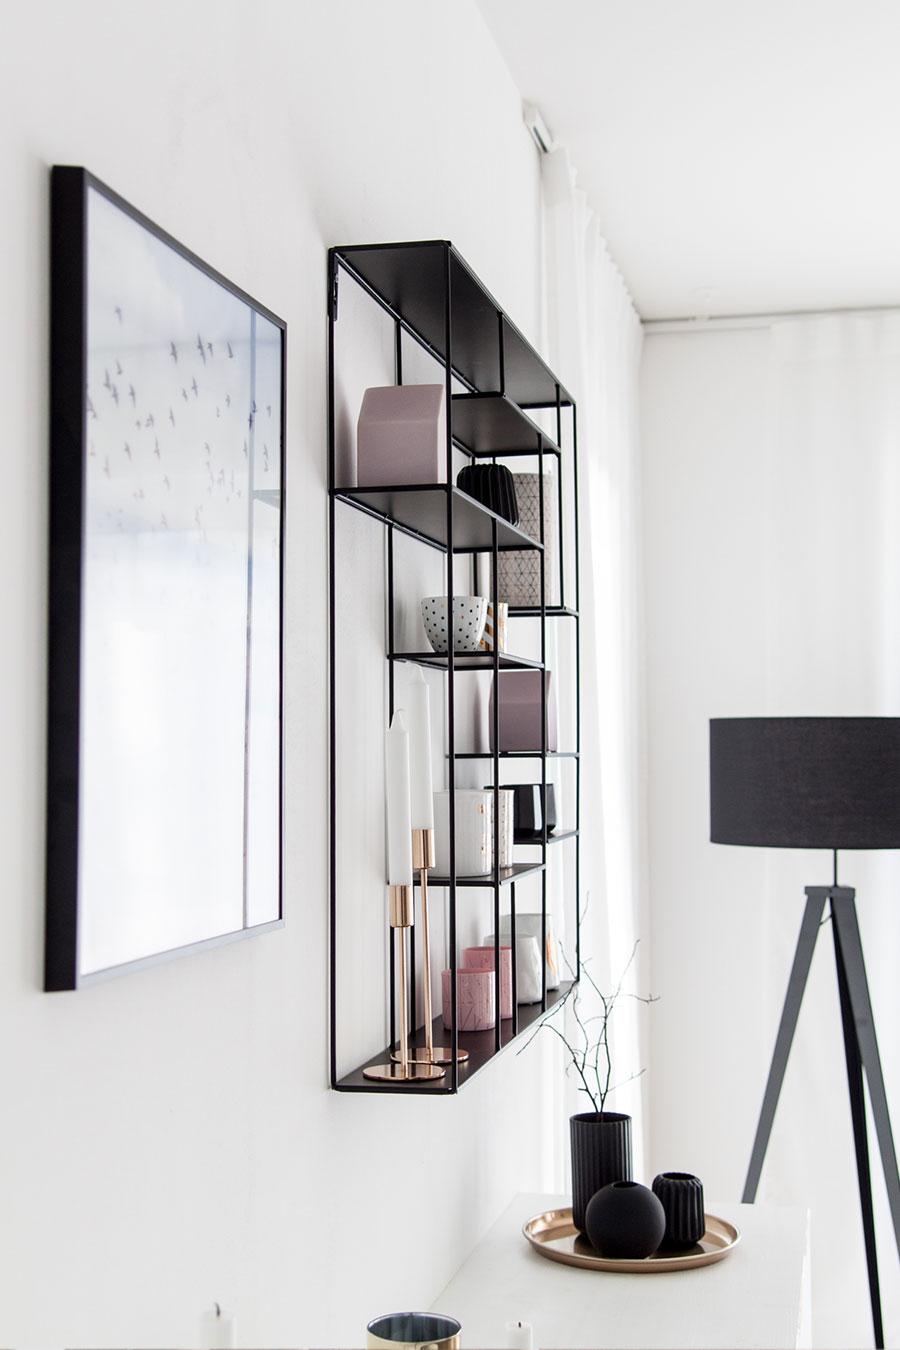 Wandregal schwarz, metall von Bruka Design